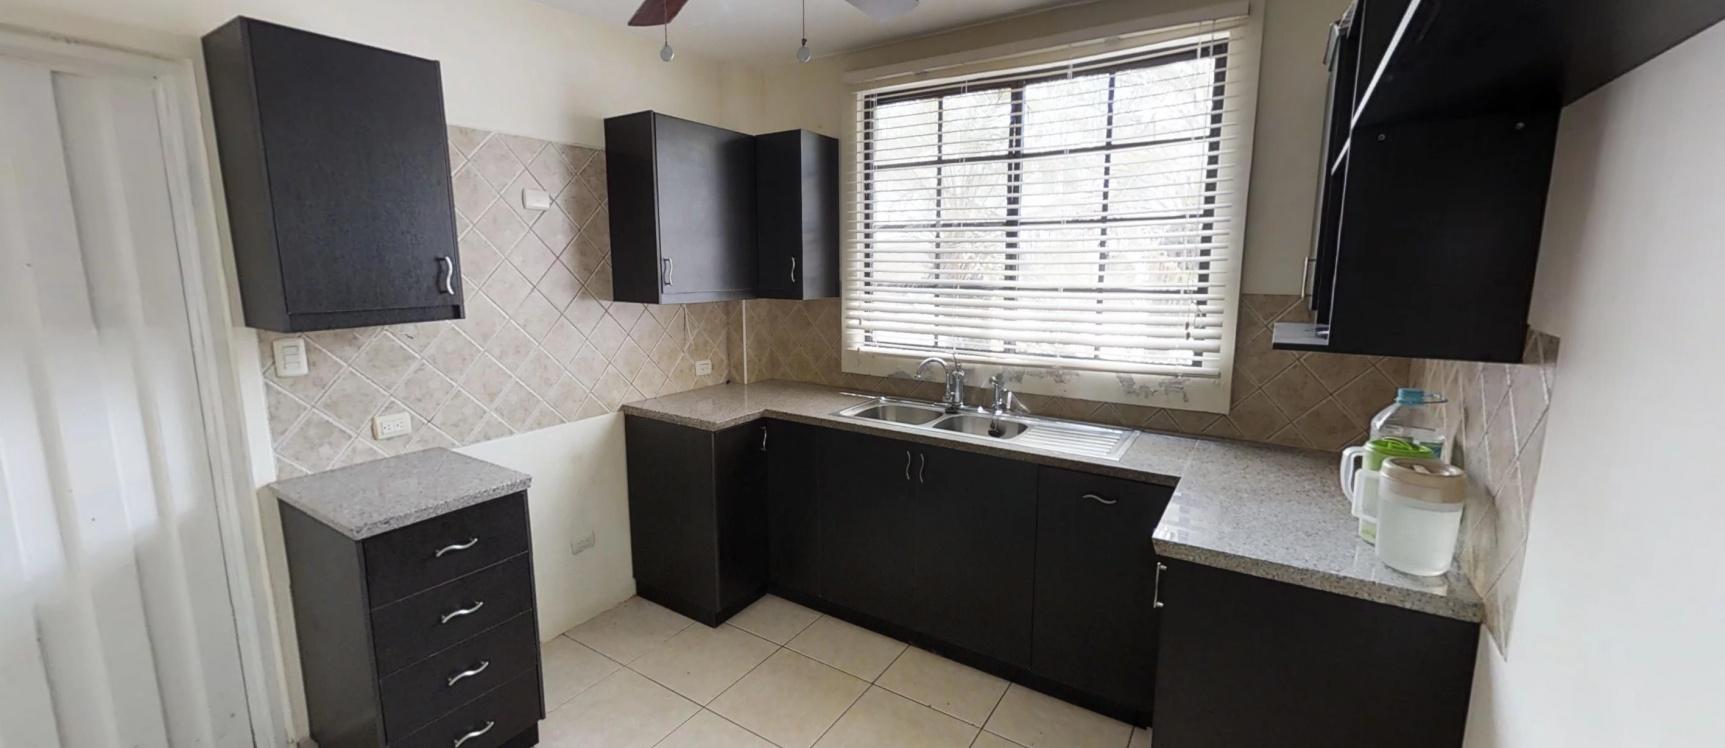 Casa en venta en urbanizaci n terranostra via a la costa geobienes - Venta de apartamentos en la costa ...